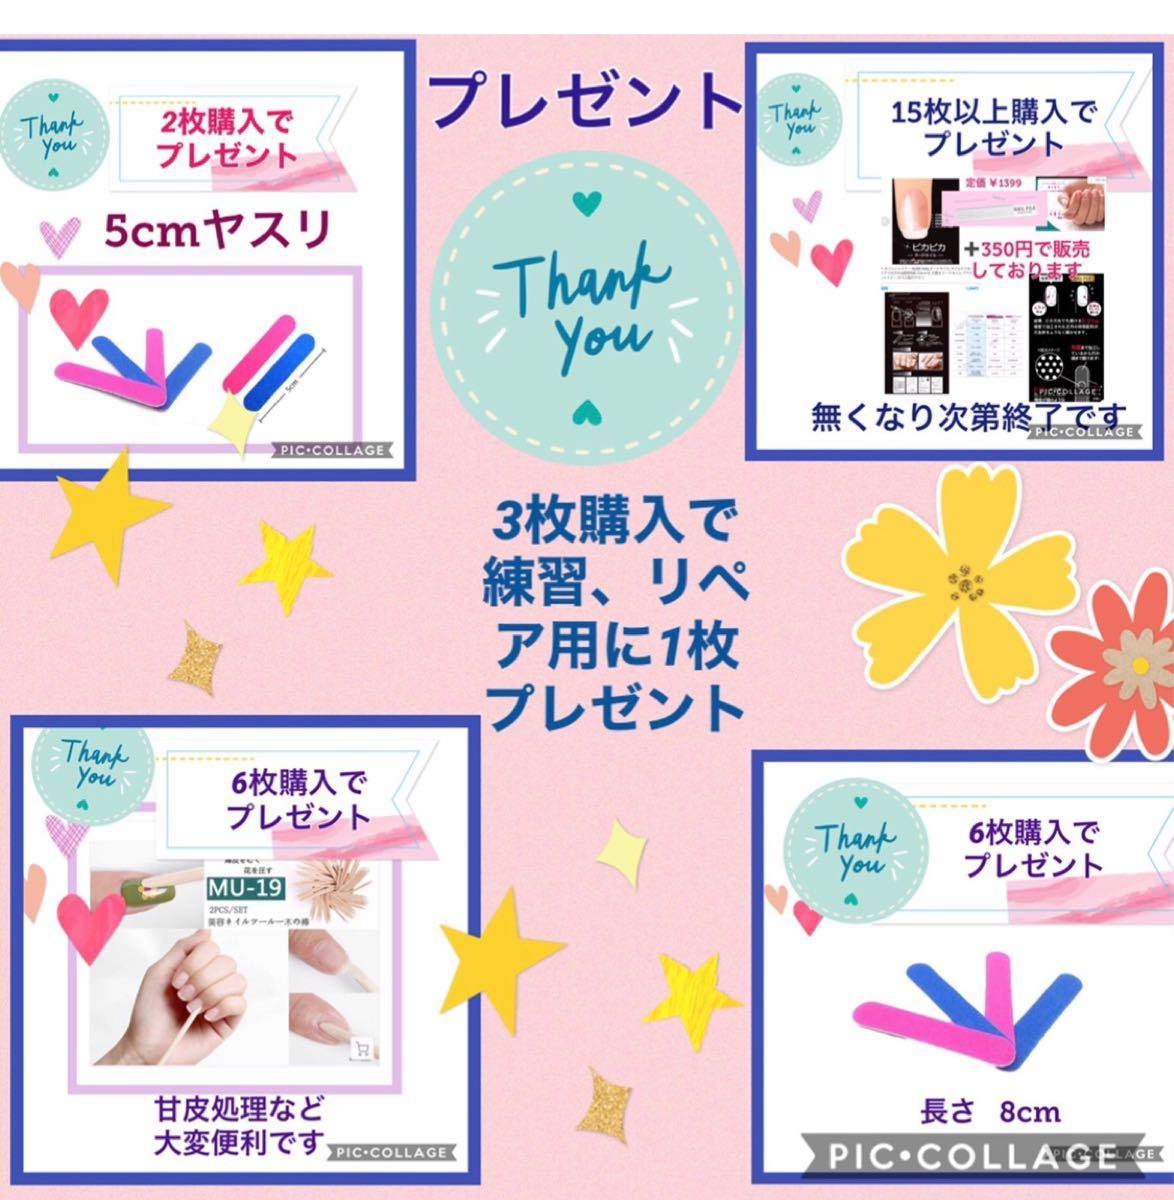 4枚購入でシール1枚プレゼント】簡単貼るだけジェルネイルシール☆。.:*